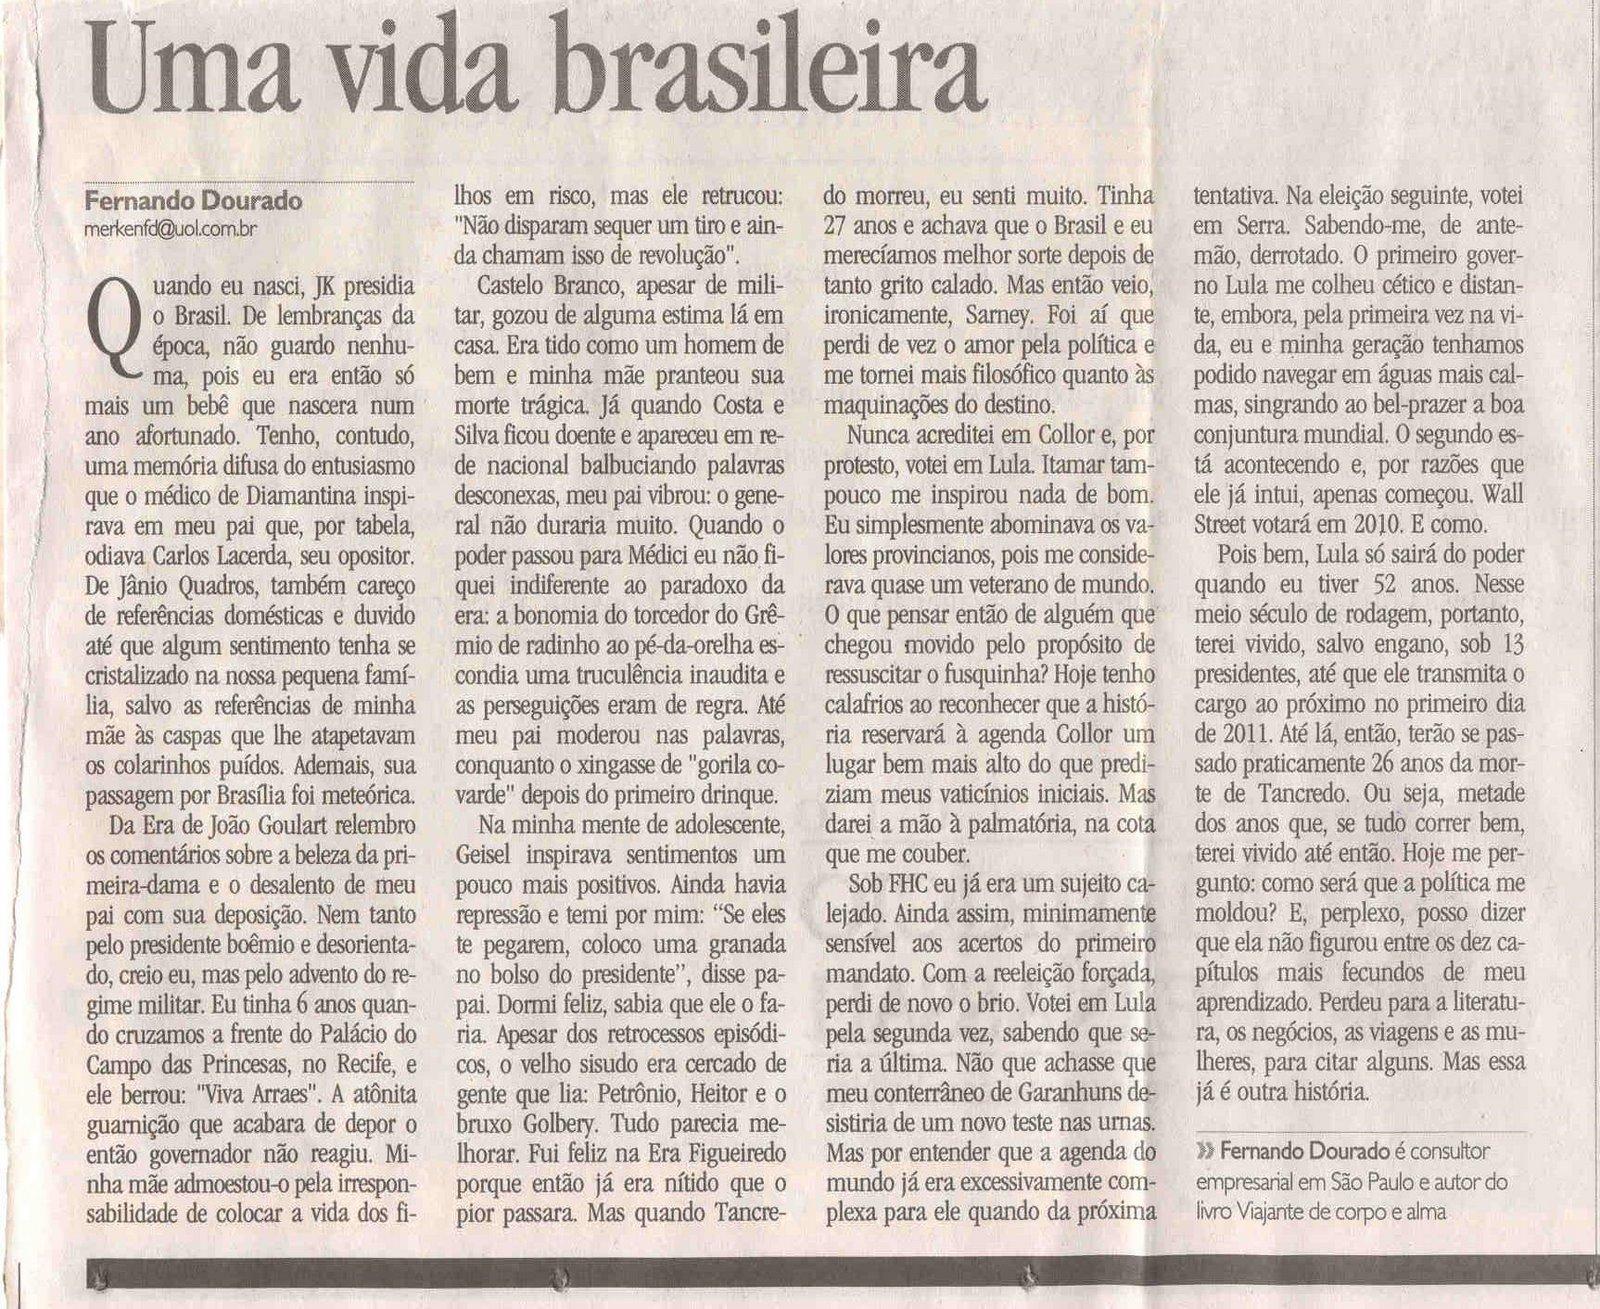 [FD+Uma+Vida+Brasileira]